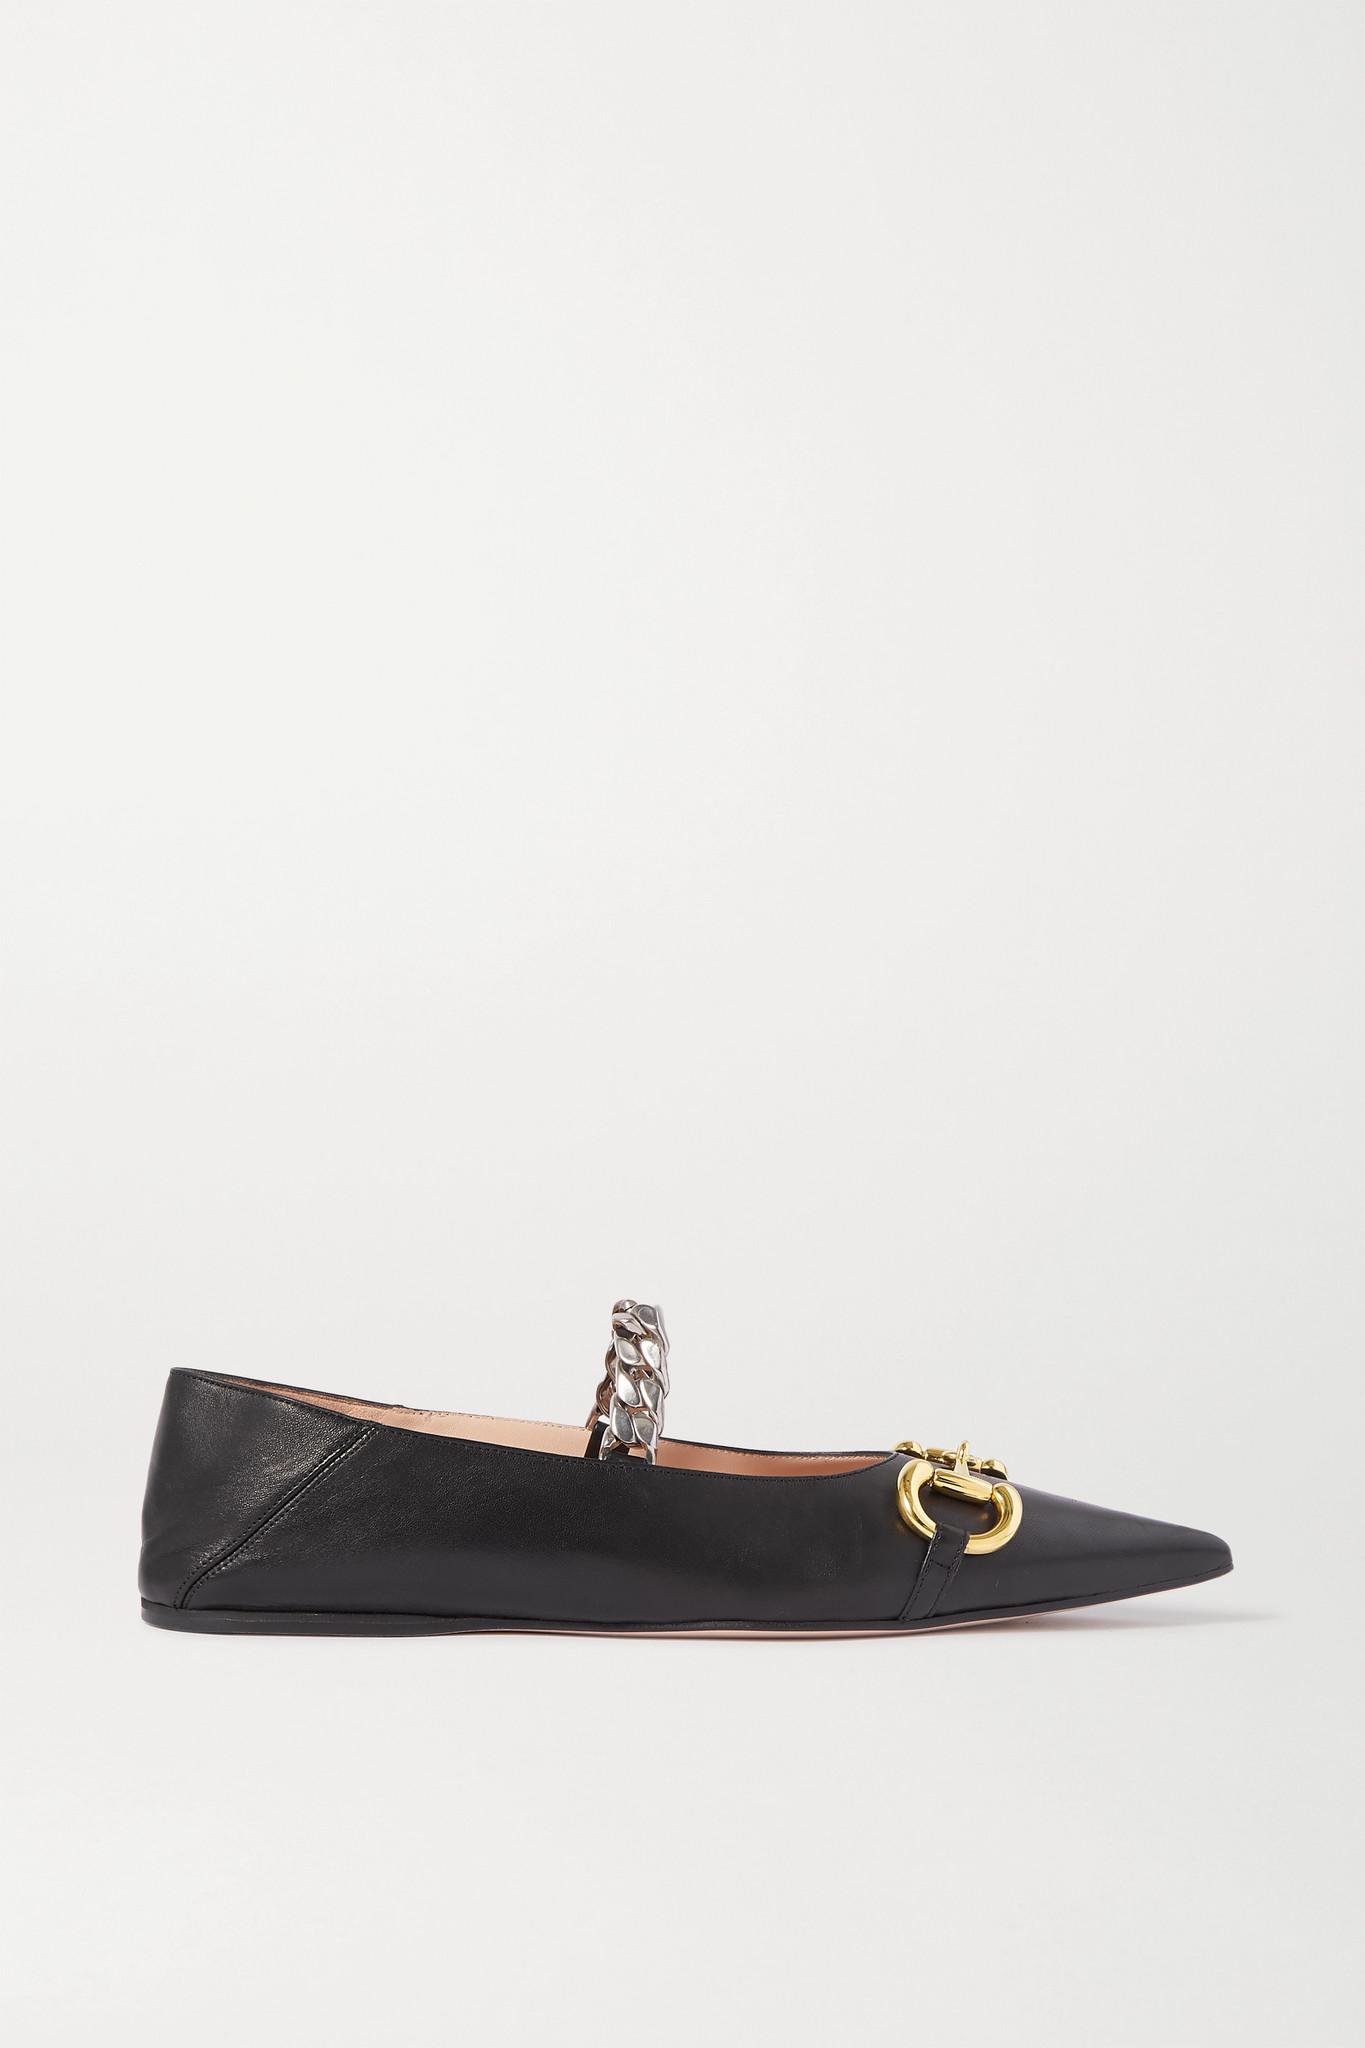 GUCCI - Deva 带缀饰皮革折叠式后跟尖头平底鞋 - 黑色 - IT36